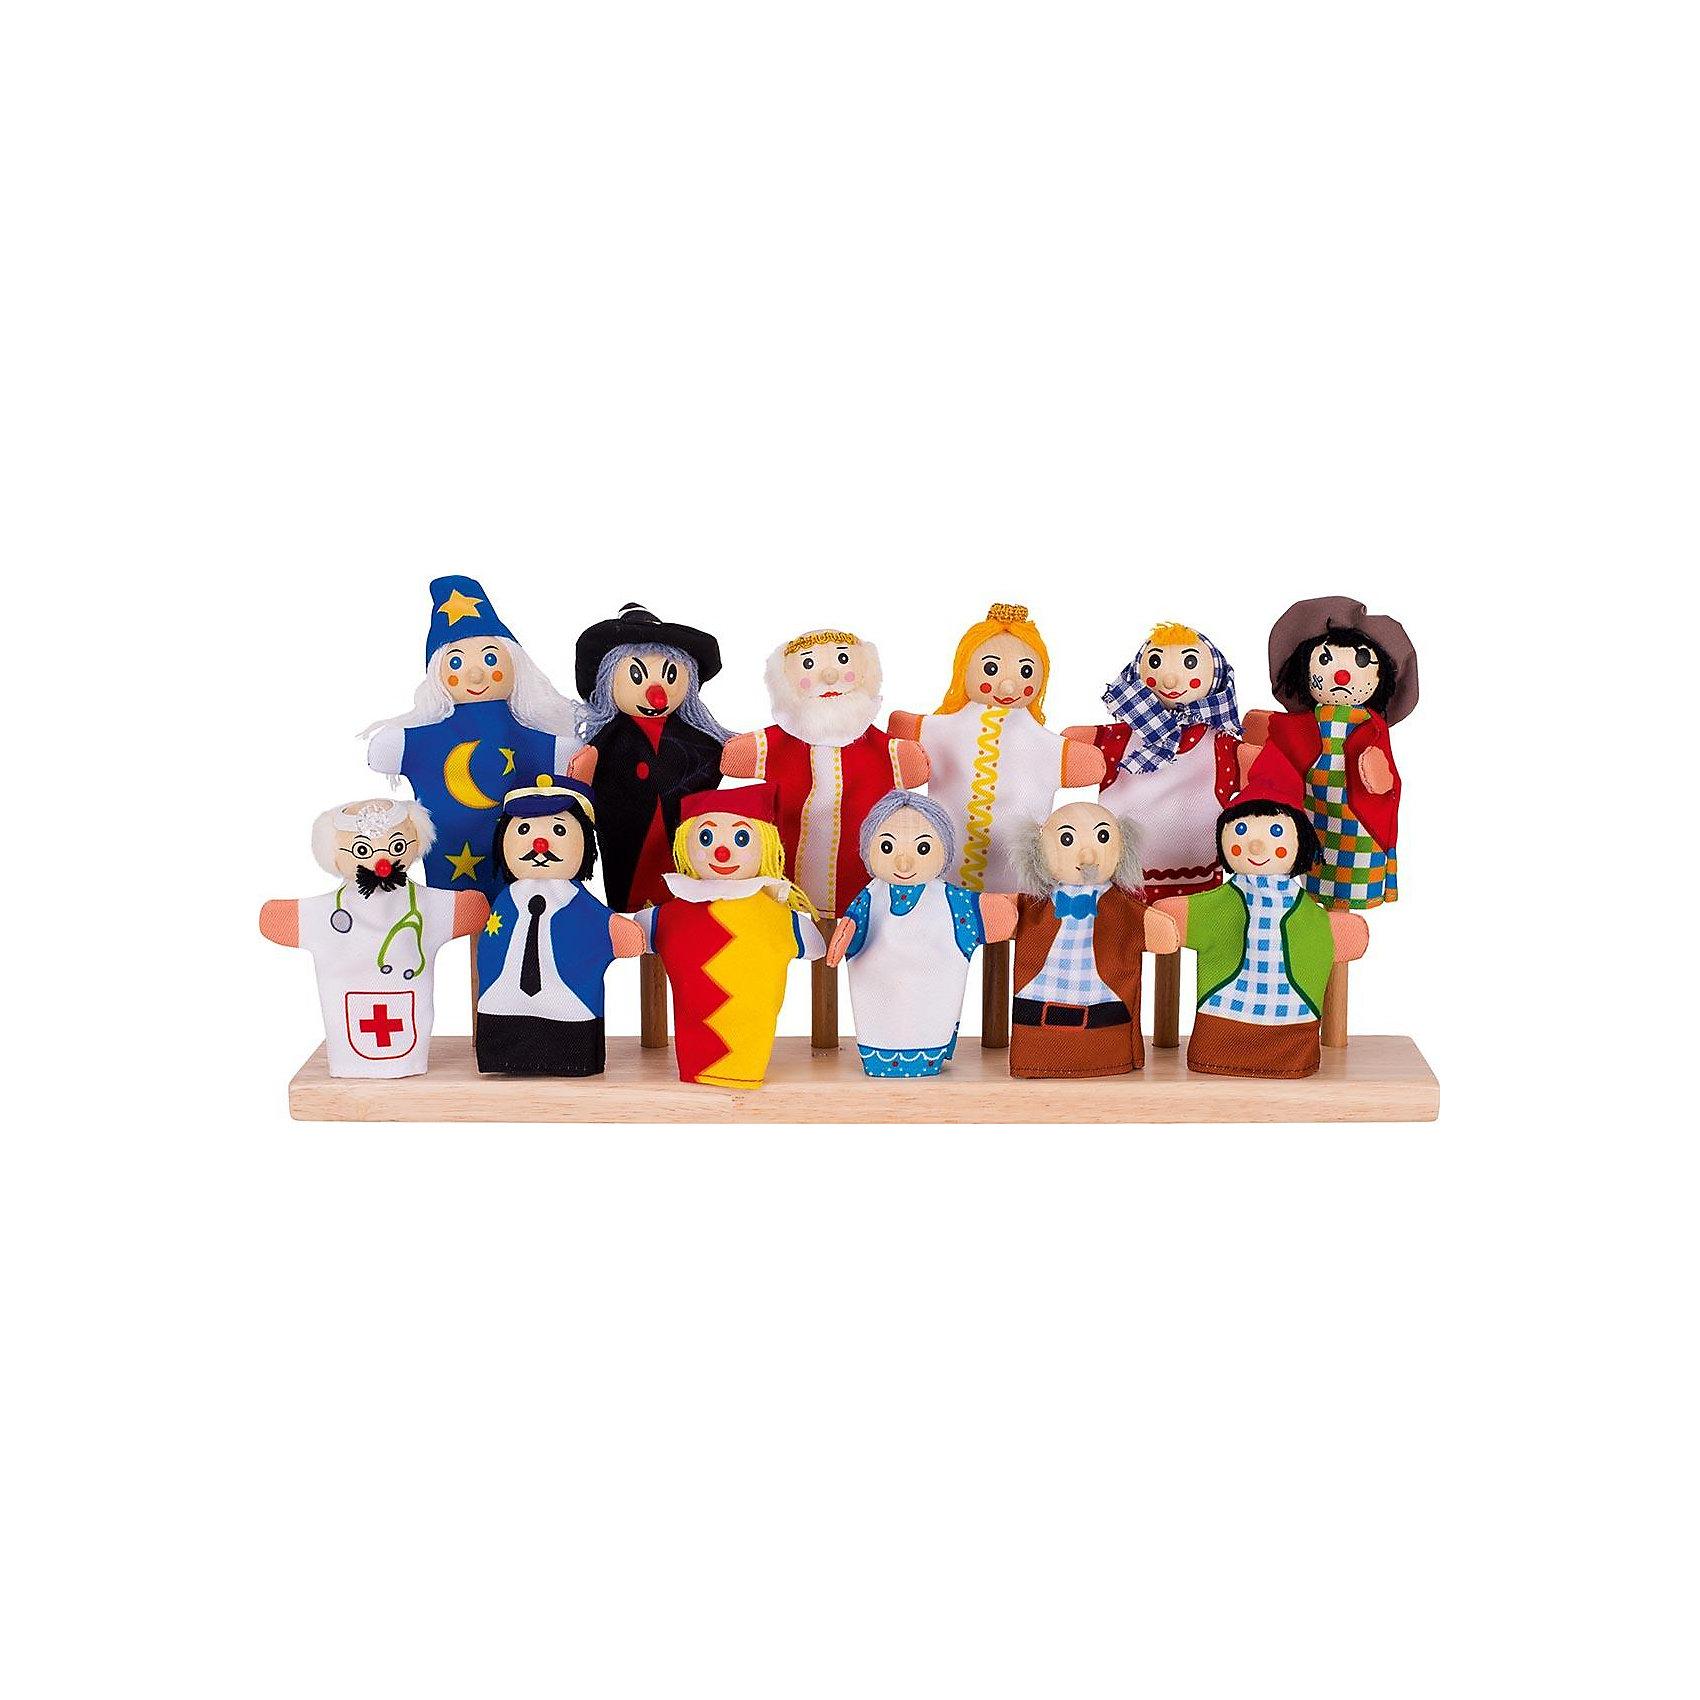 Театр на пальчик Набор 12 в 1, gokiИгрушки для малышей<br>Характеристики товара:<br><br>- цвет: разноцветный;<br>- материал: дерево, текстиль;<br>- комплектация: 12 кукол;<br>- возраст: от трех лет;<br>- вес: 174 г.<br><br>Эти симпатичные куклы для пальцев приводят детей в восторг! Какой ребенок отказаться поиграть с фигуркой, с помощью которой можно разыграть разные сценки?! Игрушки очень качественно выполнены, поэтому они станут замечательным подарком ребенку. <br>Игры с такими куклами помогают детям развить важные навыки (мелкую моторику, воображение, логику), а также развить творческие способности и отработать модели социального взаимодействия. Изделие произведено из высококачественного материала, безопасного для детей.<br><br>Театр на пальчик Набор 12 в 1 от бренда GOKI можно купить в нашем интернет-магазине.<br><br>Ширина мм: 110<br>Глубина мм: 110<br>Высота мм: 110<br>Вес г: 174<br>Возраст от месяцев: 36<br>Возраст до месяцев: 72<br>Пол: Унисекс<br>Возраст: Детский<br>SKU: 5155324